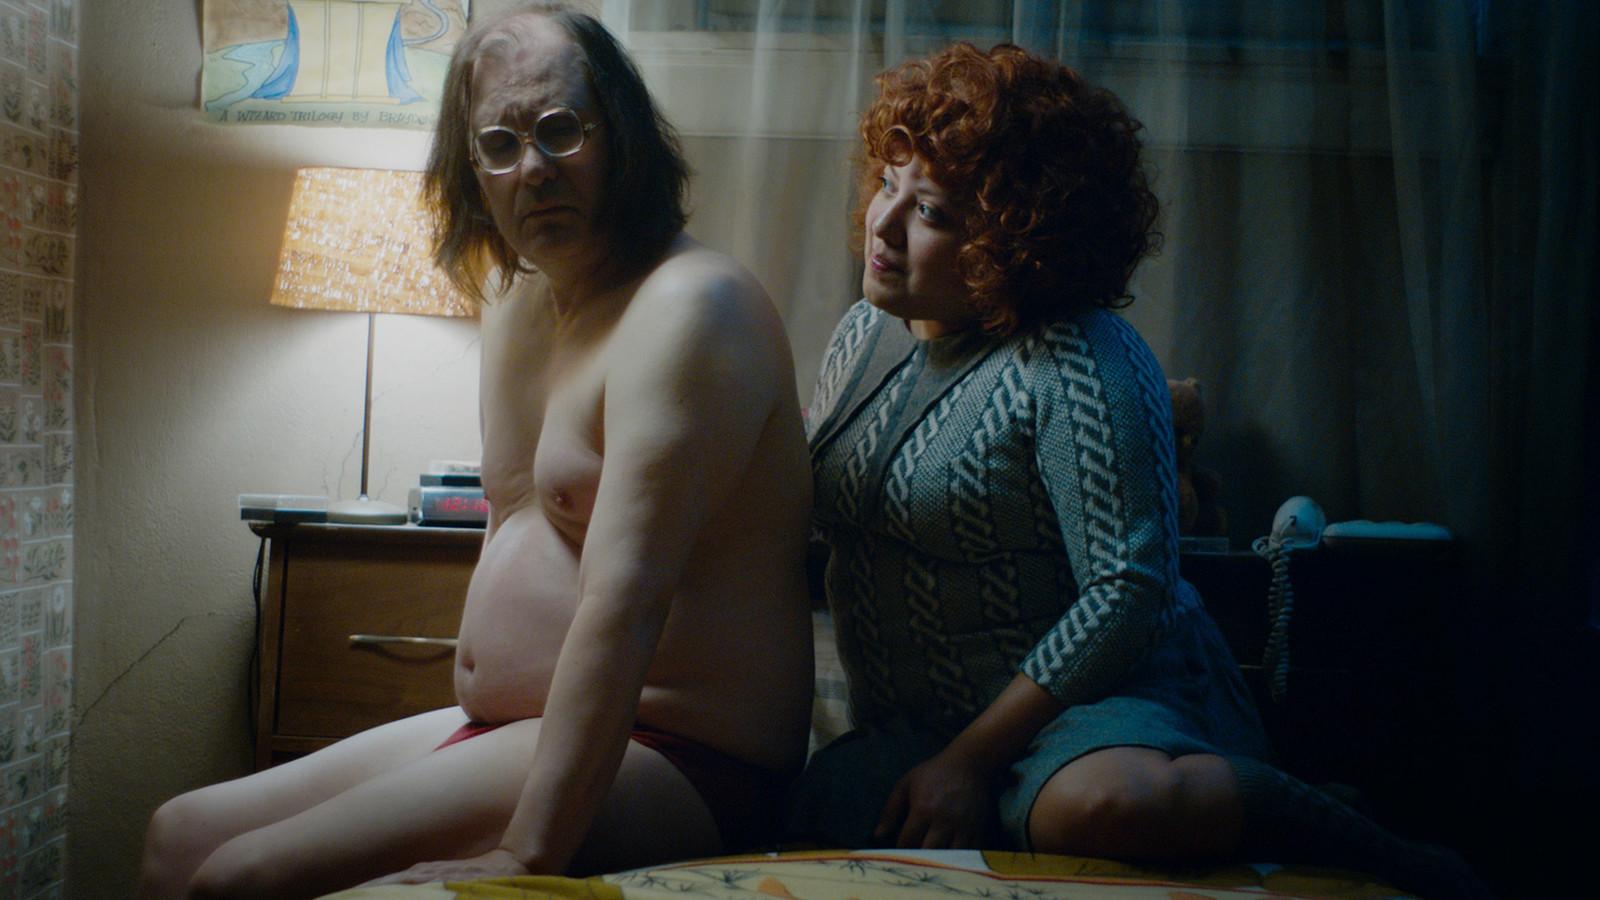 Sky Elobar and Elizabeth De Razzo in The Greasy Strangler (2016)